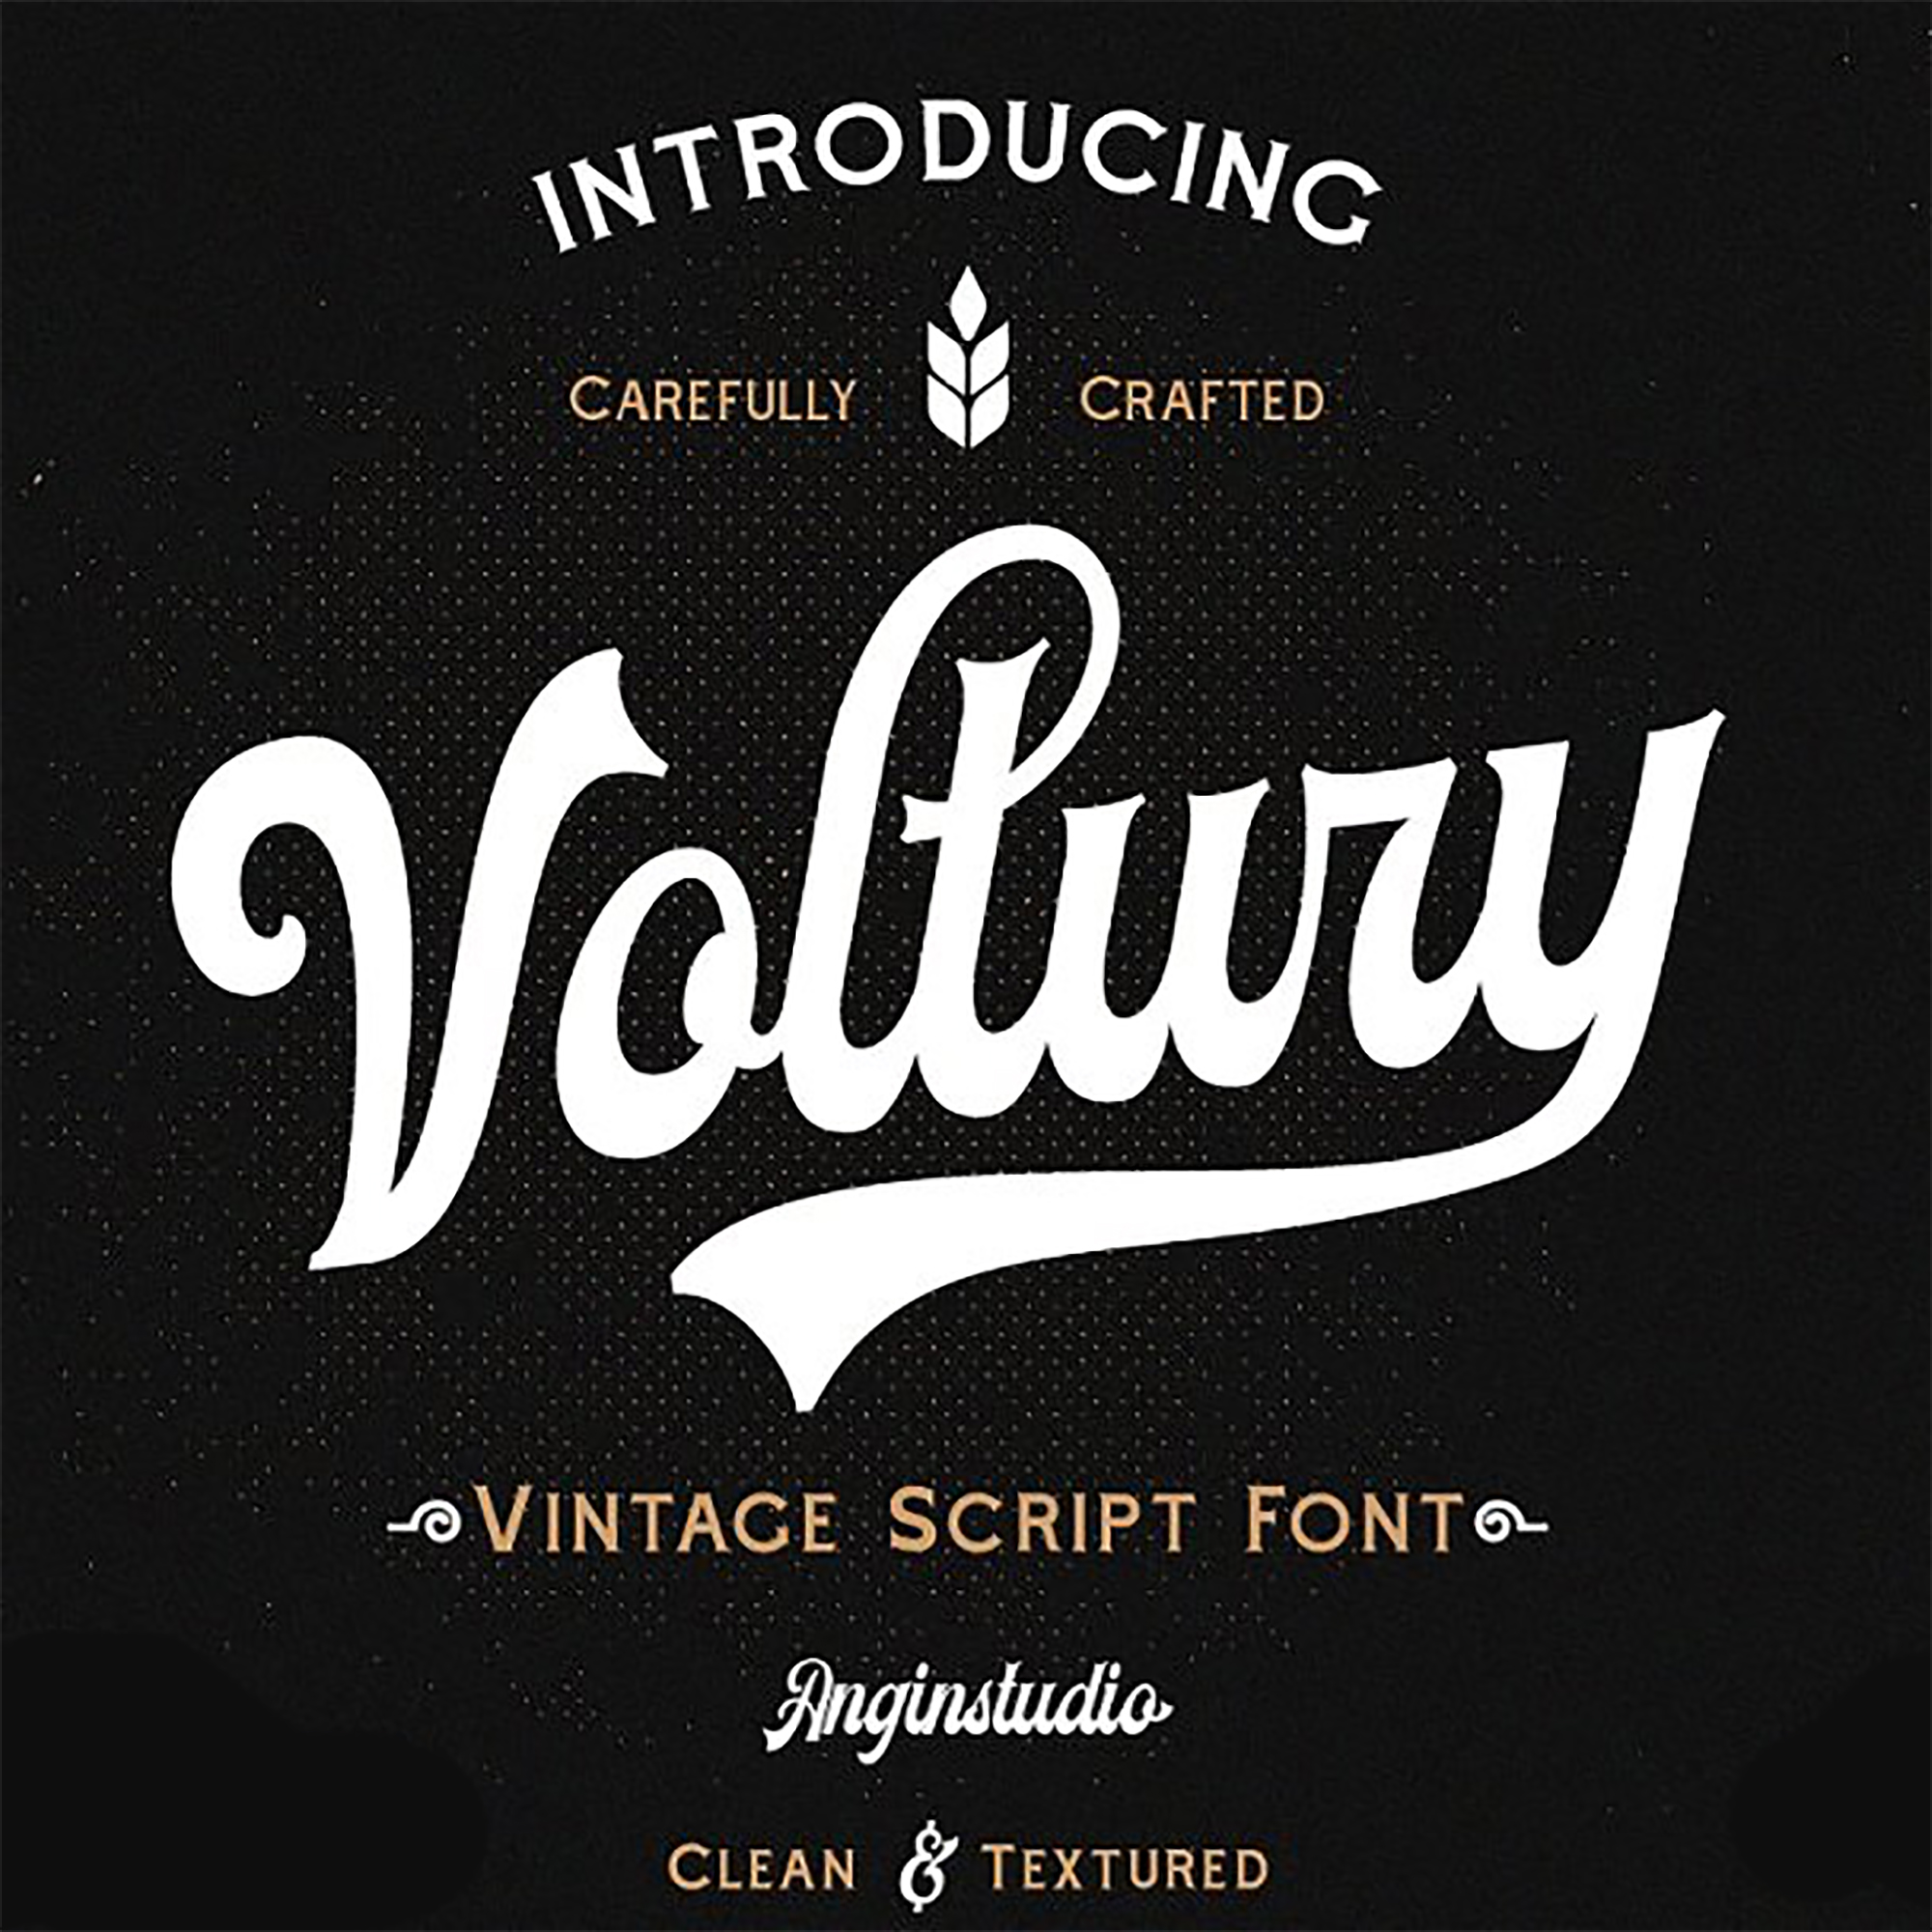 Vintage Monoline Font: Gillnord Script (4 Fonts with Extras ) + 24 Vintage Illustrations - AmericanVintageFont